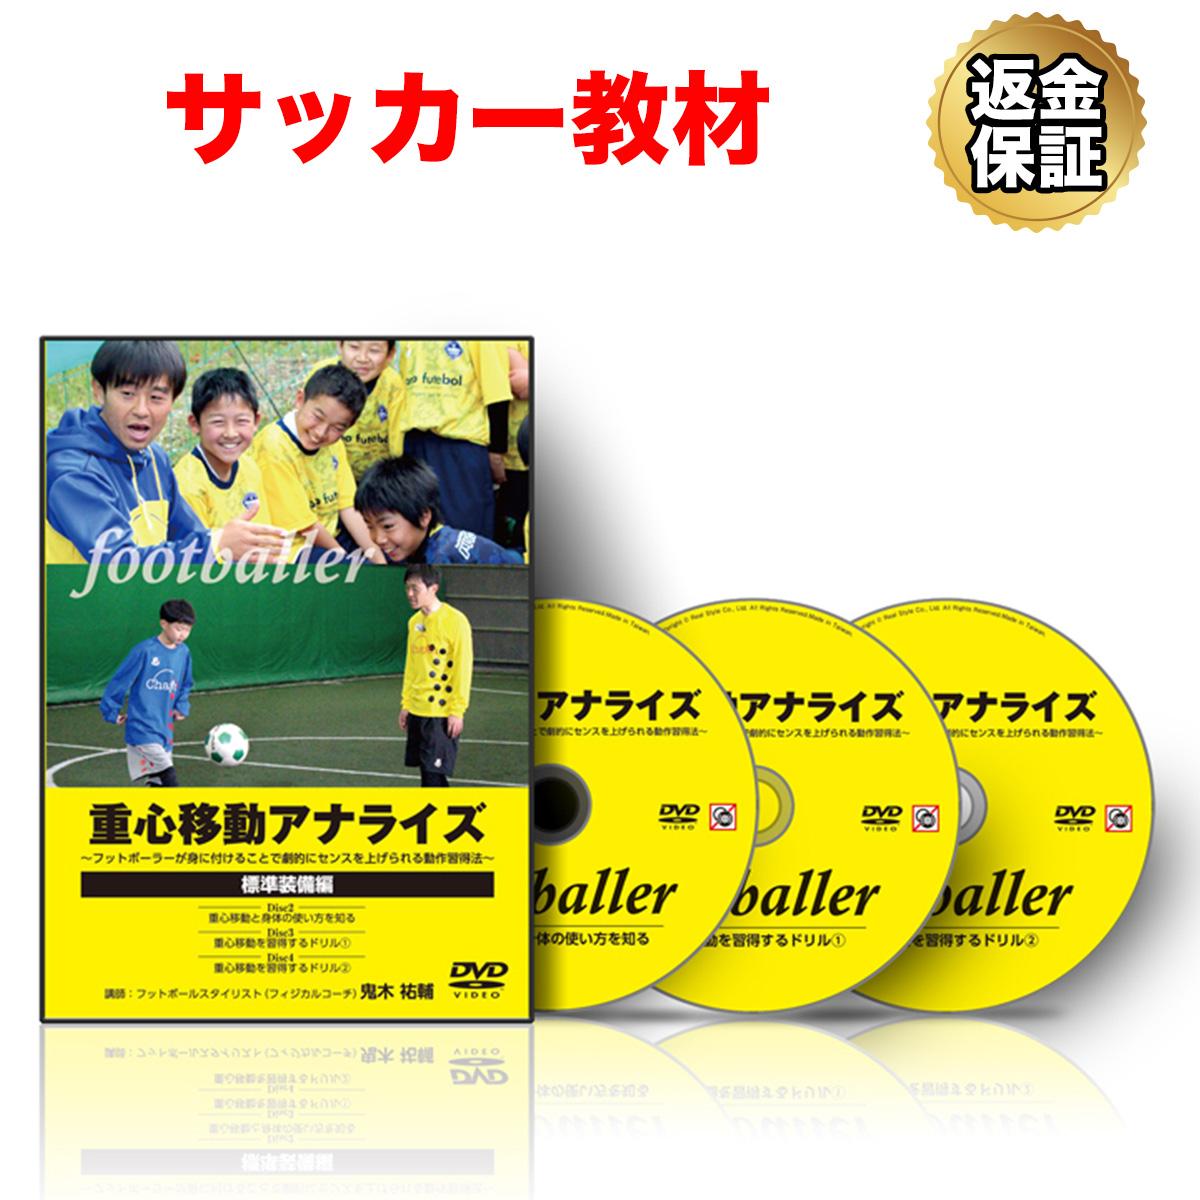 サッカー 教材 DVD 重心移動アナライズ~フットボーラーが身に付けることで劇的にセンスを上げられる動作習得法~標準装備編